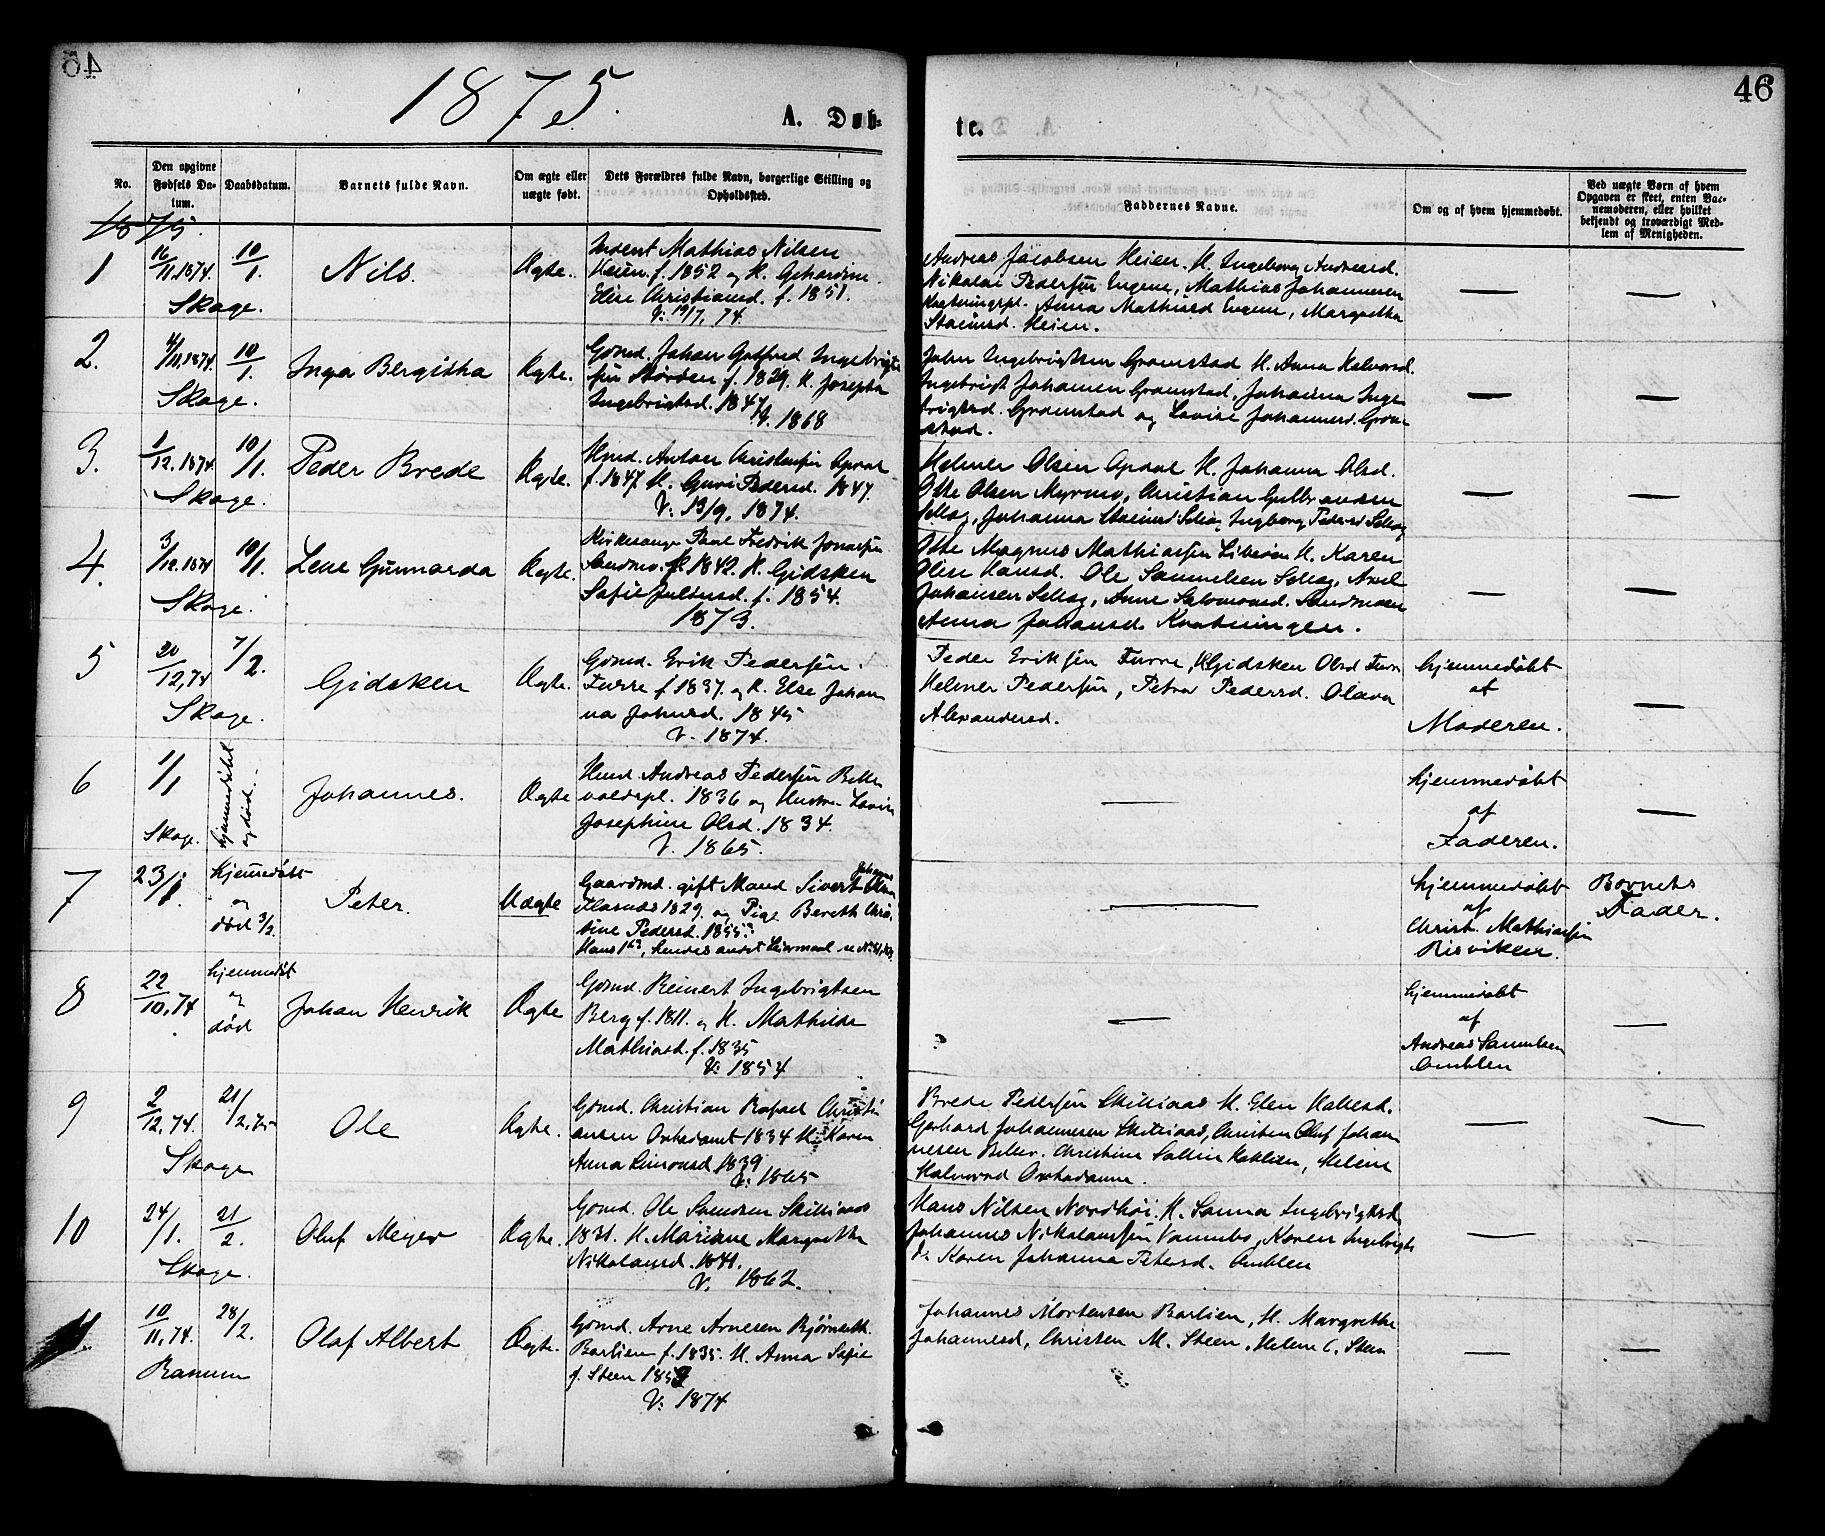 SAT, Ministerialprotokoller, klokkerbøker og fødselsregistre - Nord-Trøndelag, 764/L0554: Ministerialbok nr. 764A09, 1867-1880, s. 46